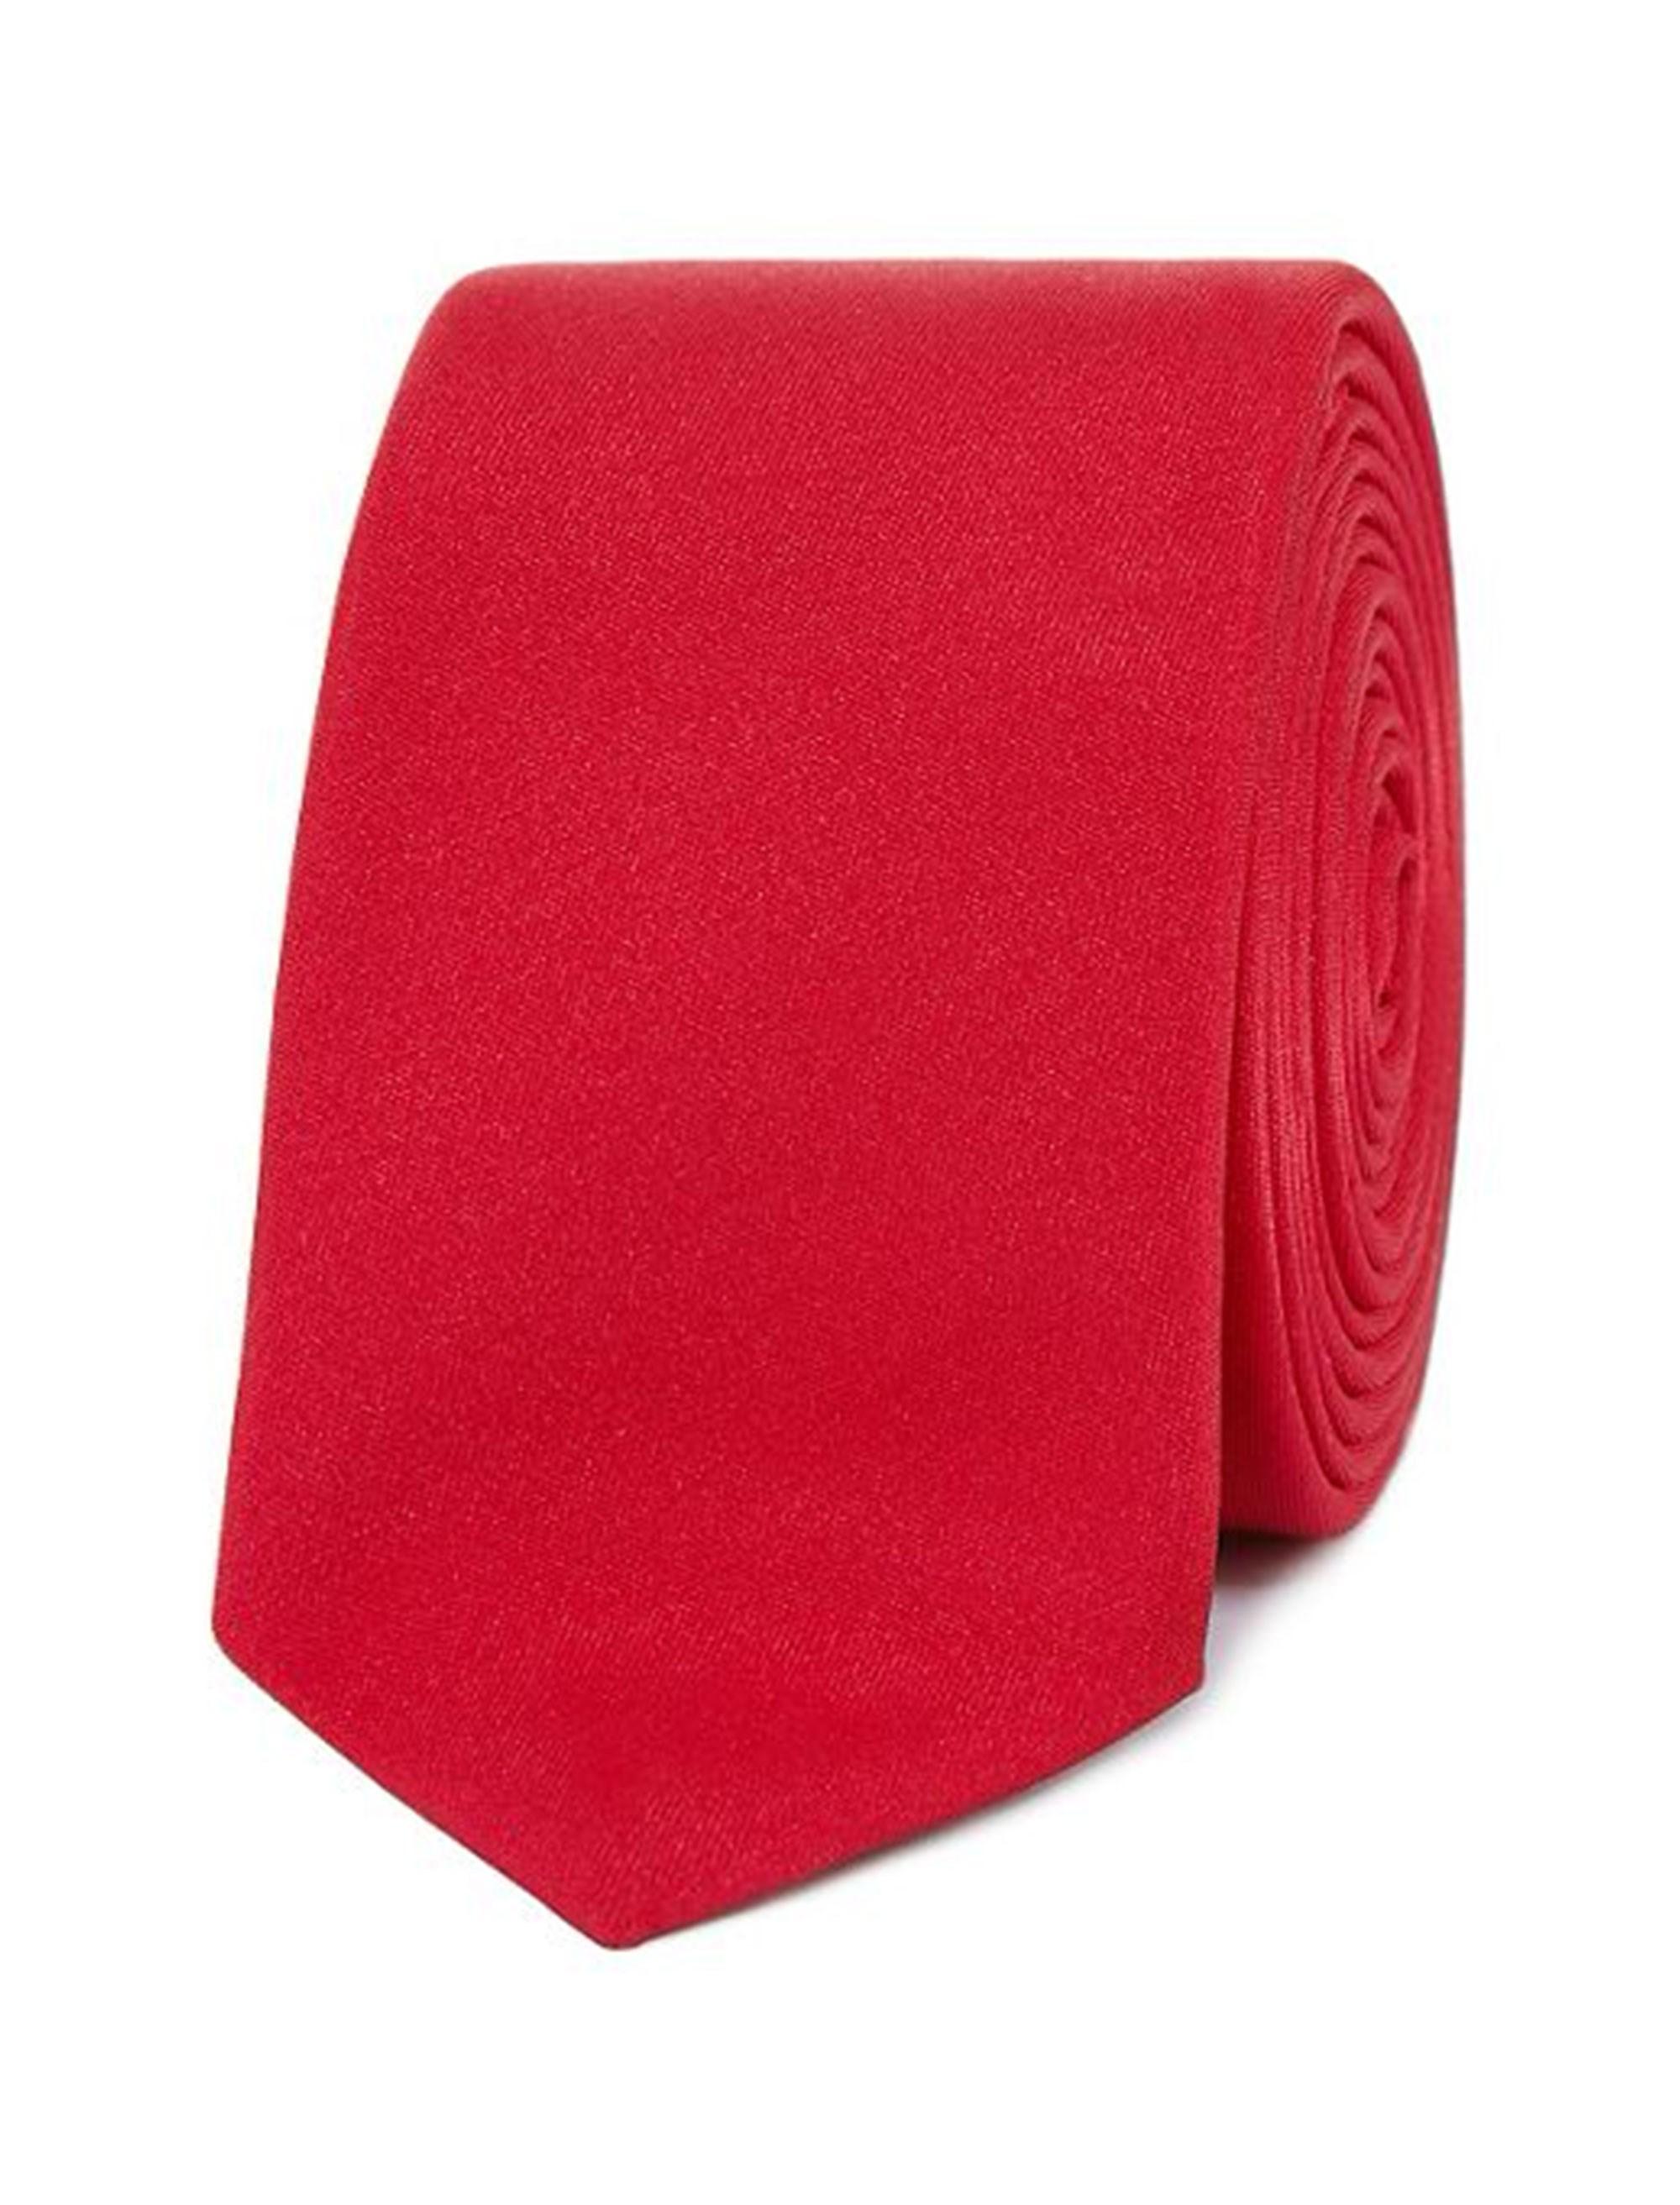 کراوات ساده مردانه - قرمز - 1